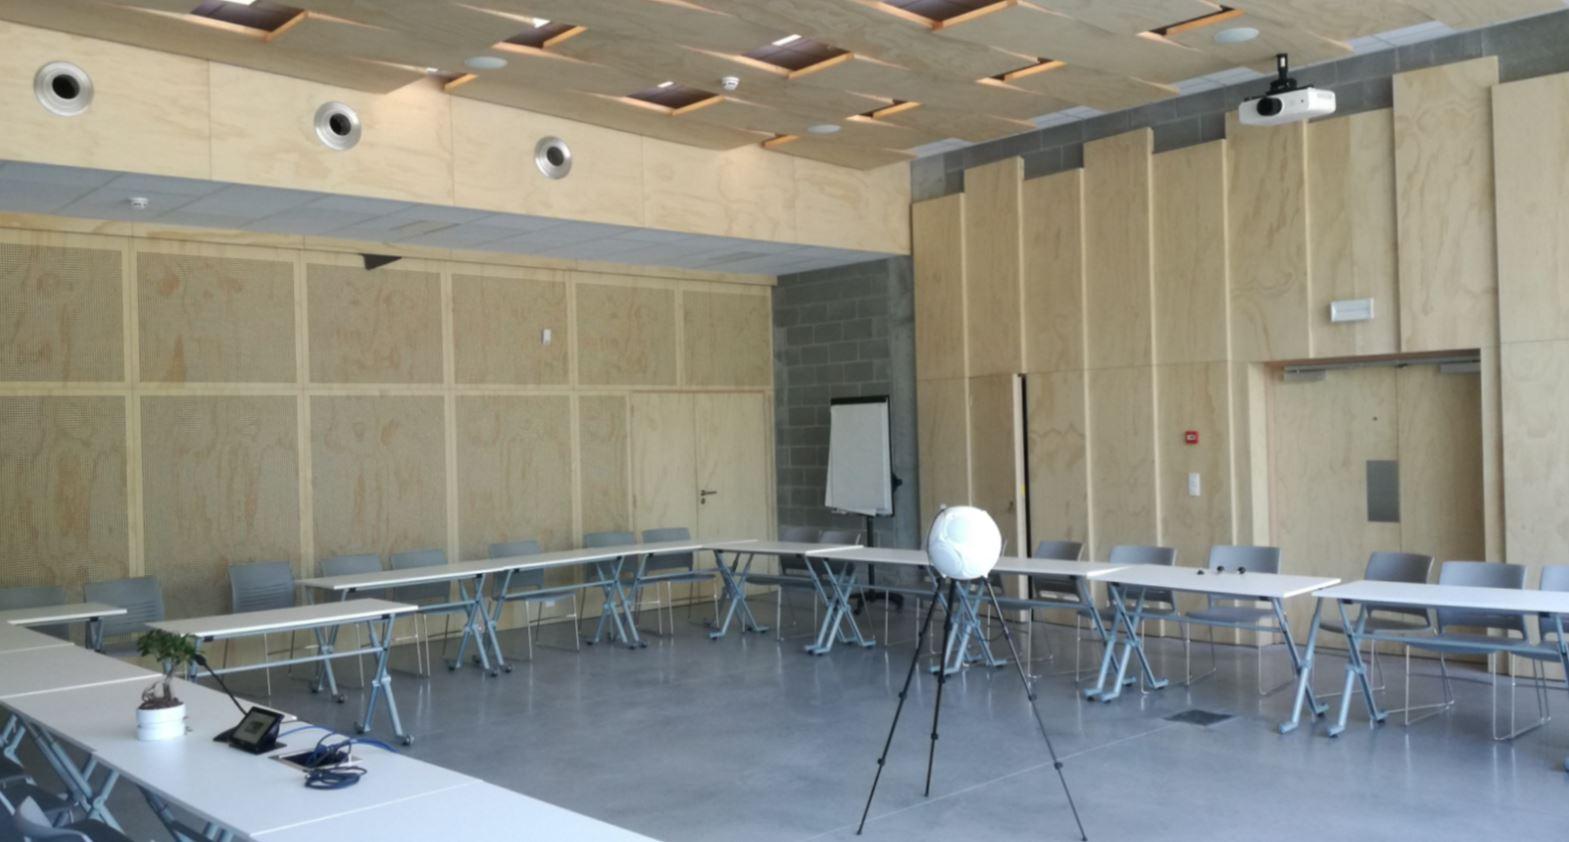 25 juin 2018 – Fin du chantier d'extension de la CNE à Nivelles